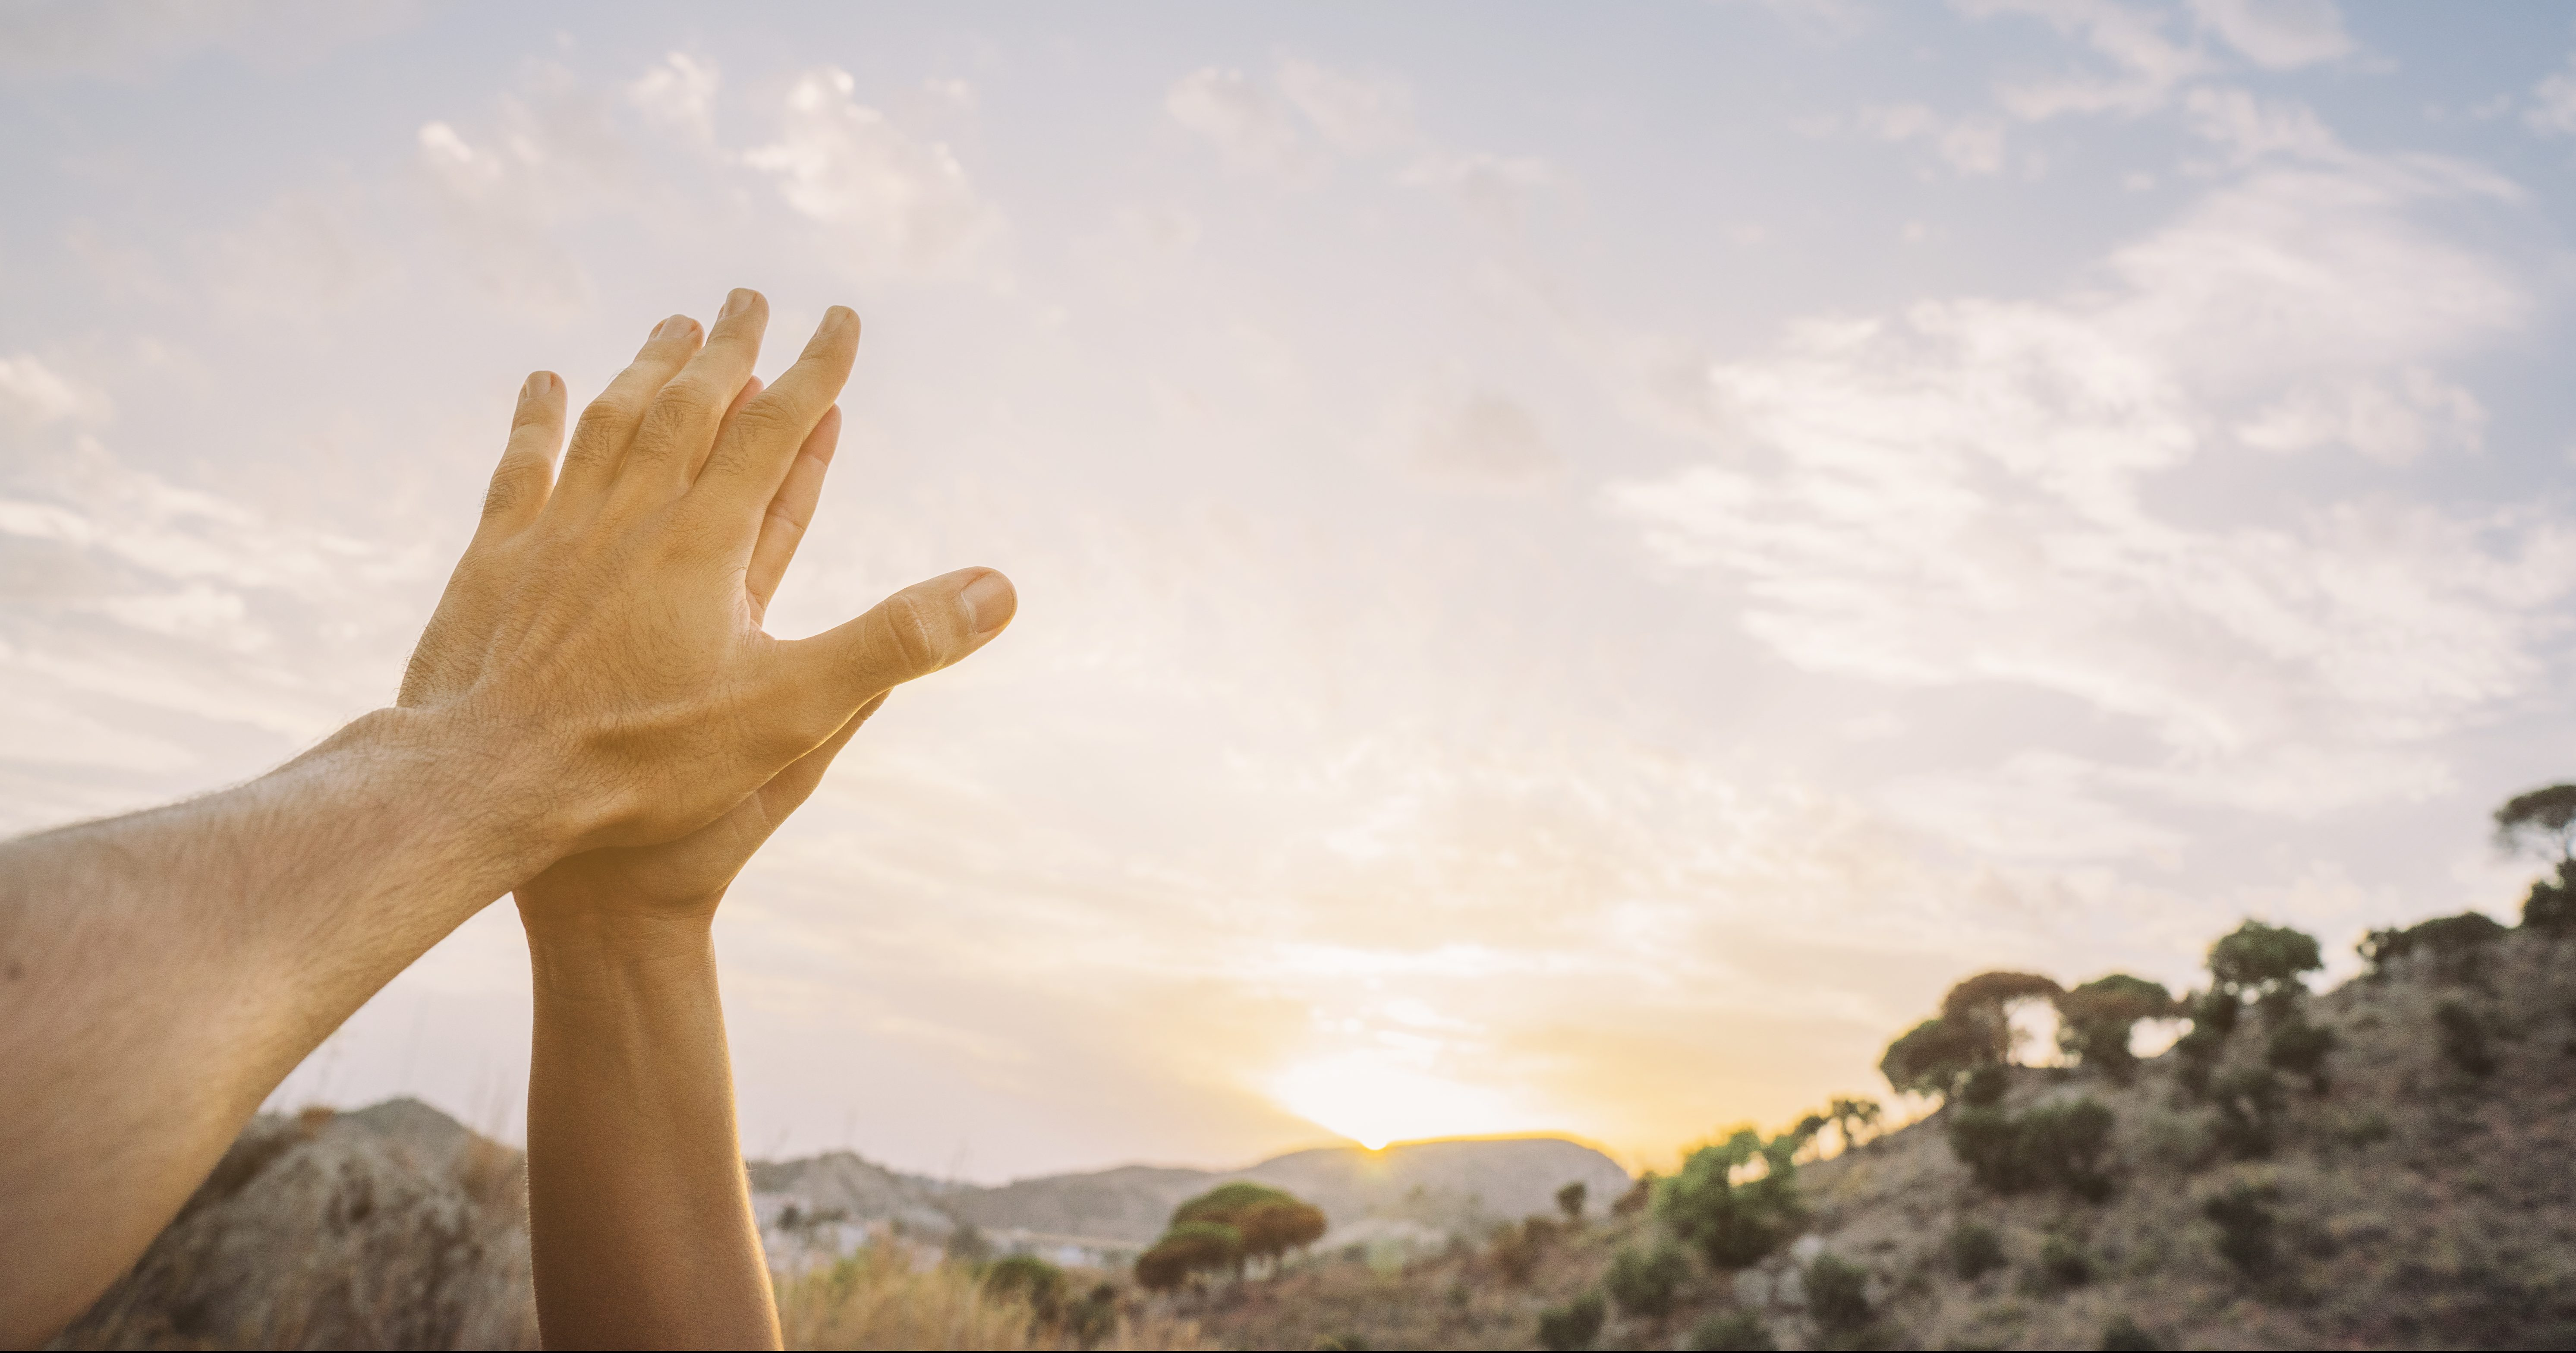 Gebet-für-die-Region-2-OTLLY30-e1512145640917